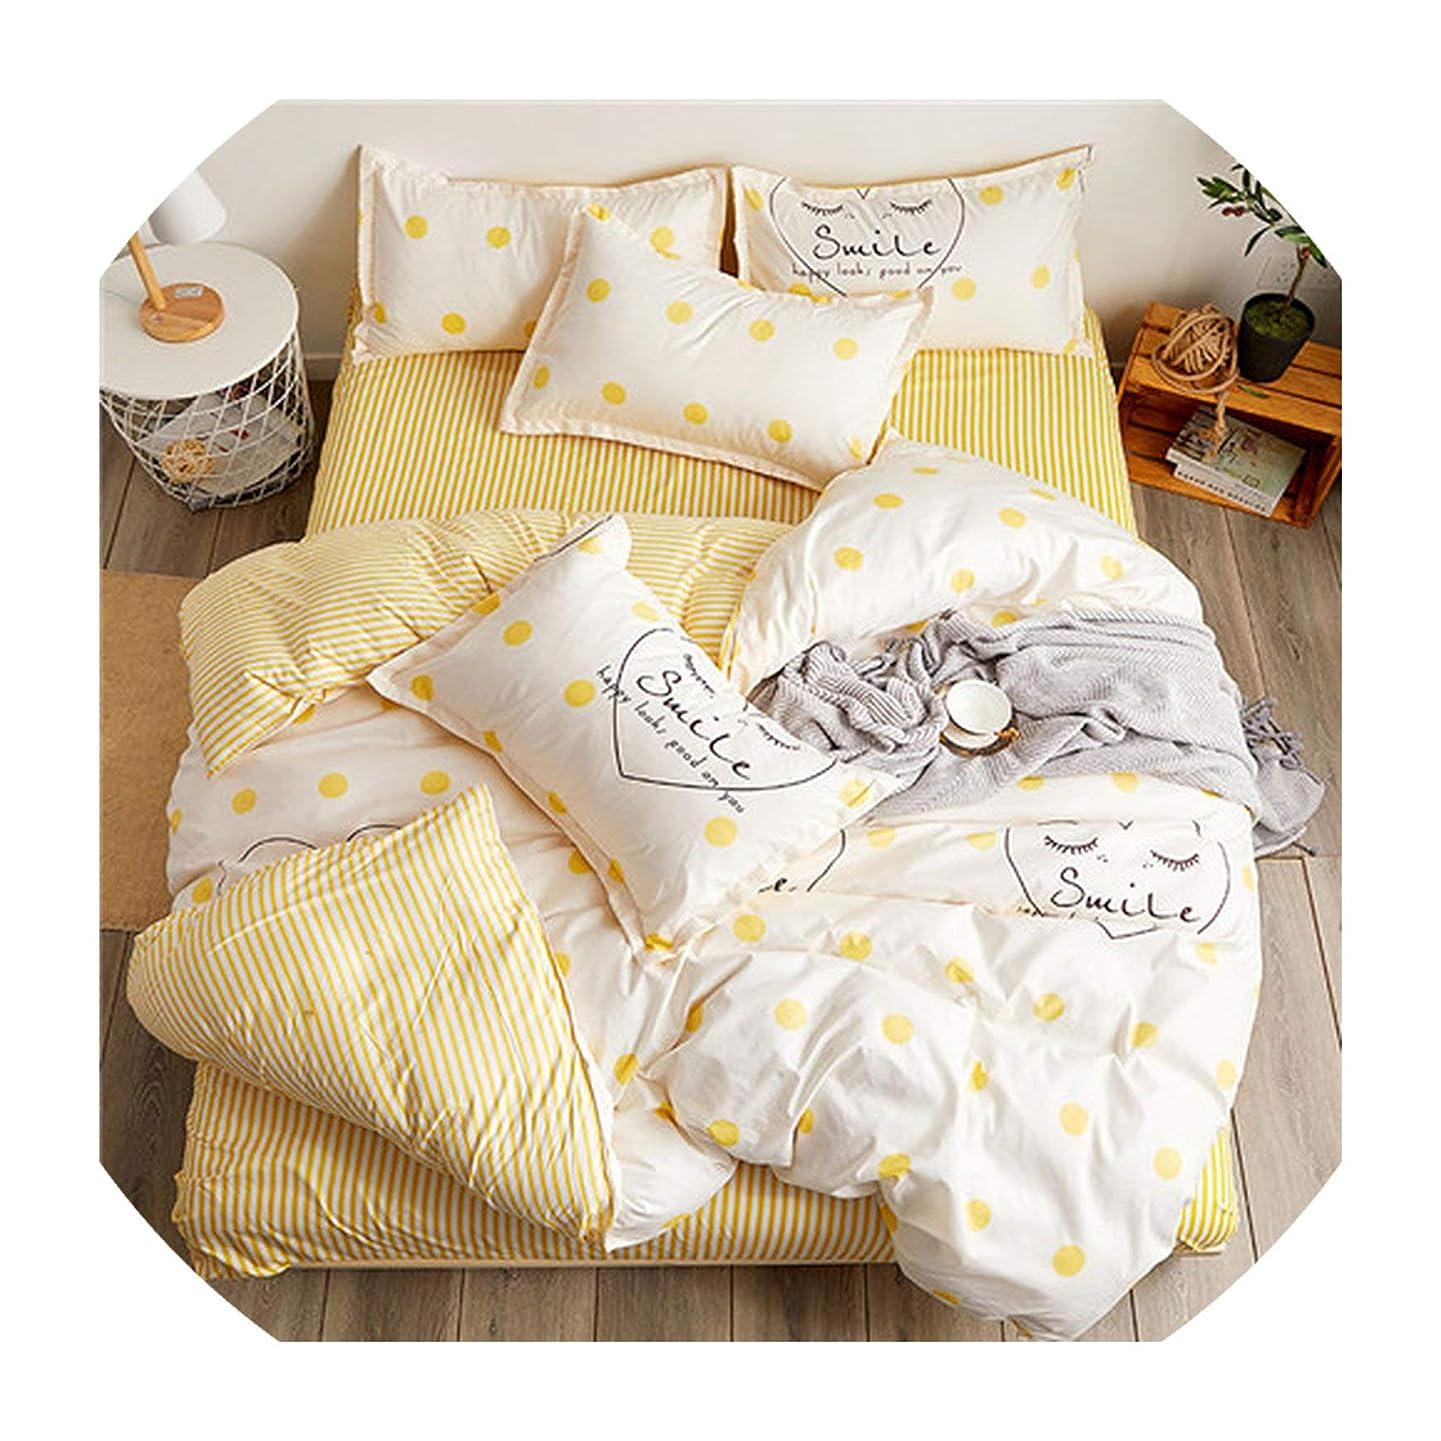 Jifnhtrs Home Bedding 4pcs Flat Sheet Set red Heart Bed Linen Set Sheet Pillowcase&Duvet Cover Set Cute Bird Child Bedclothes Leaf Cover,Love Summer,Twin,Flat Bed Sheet